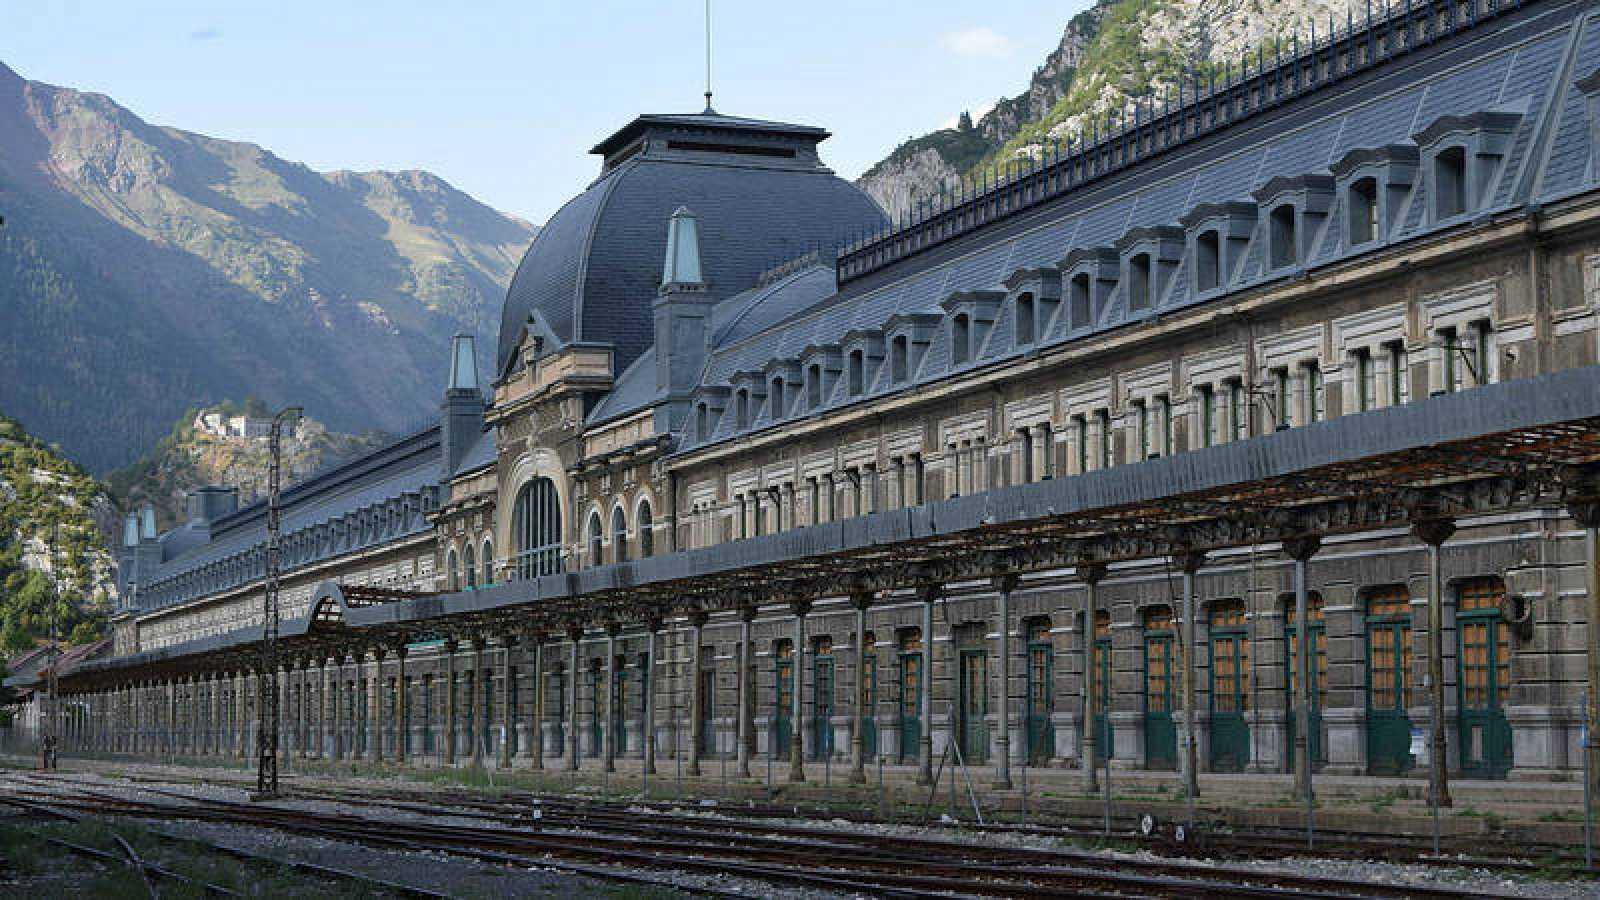 Vista de la fachada de la Estación Internacional de Canfranc